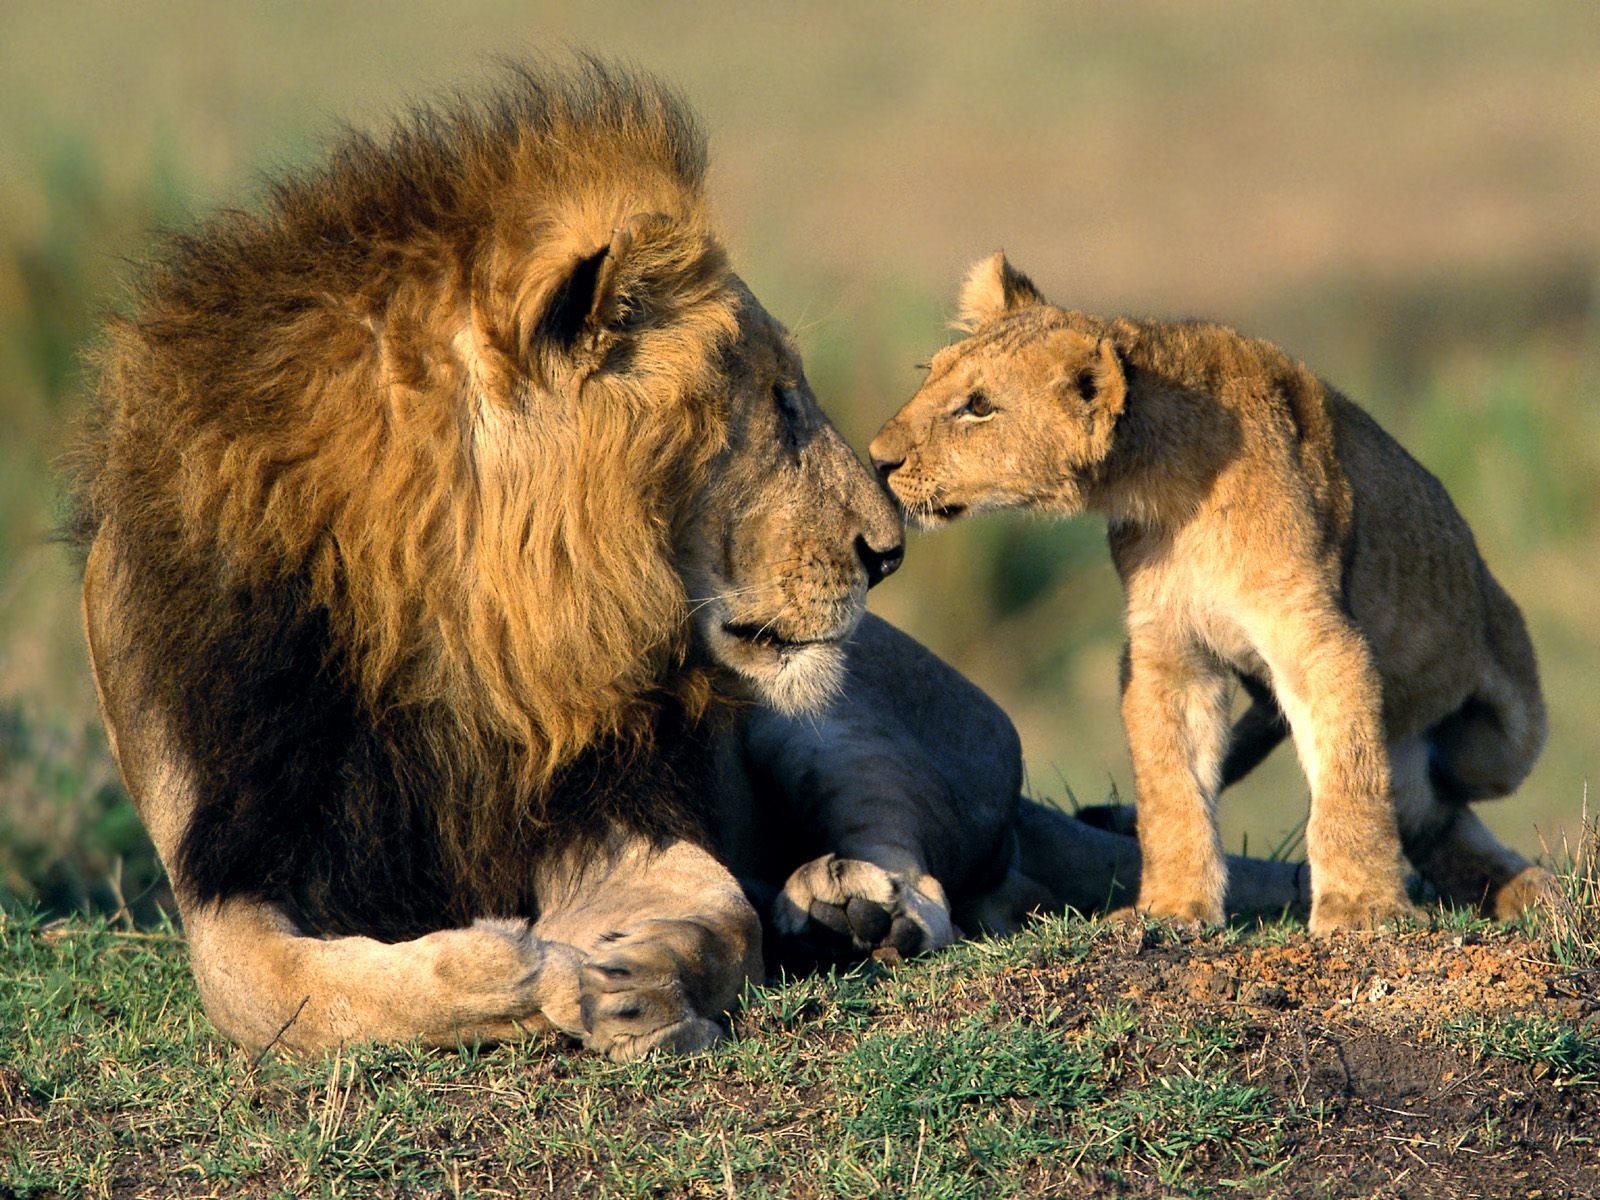 http://1.bp.blogspot.com/-bShDMGhimwE/TcGVBHaUWKI/AAAAAAAAAVo/n9oeIxxXMiM/s1600/200_Animals_Wallpapers.jpg